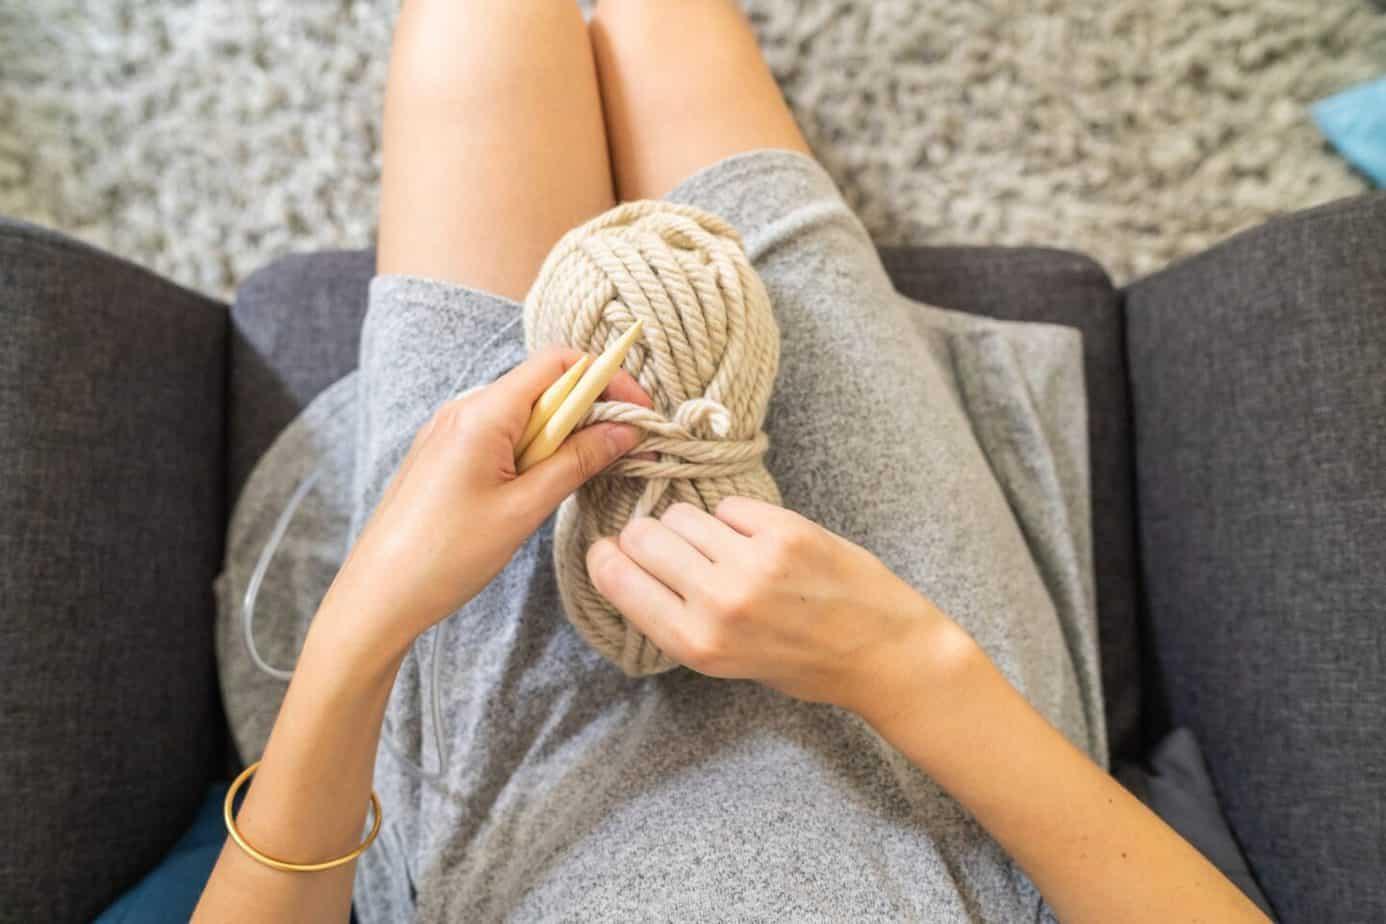 Woman wearing grey dress sitting on a sofa holding a beige yarn